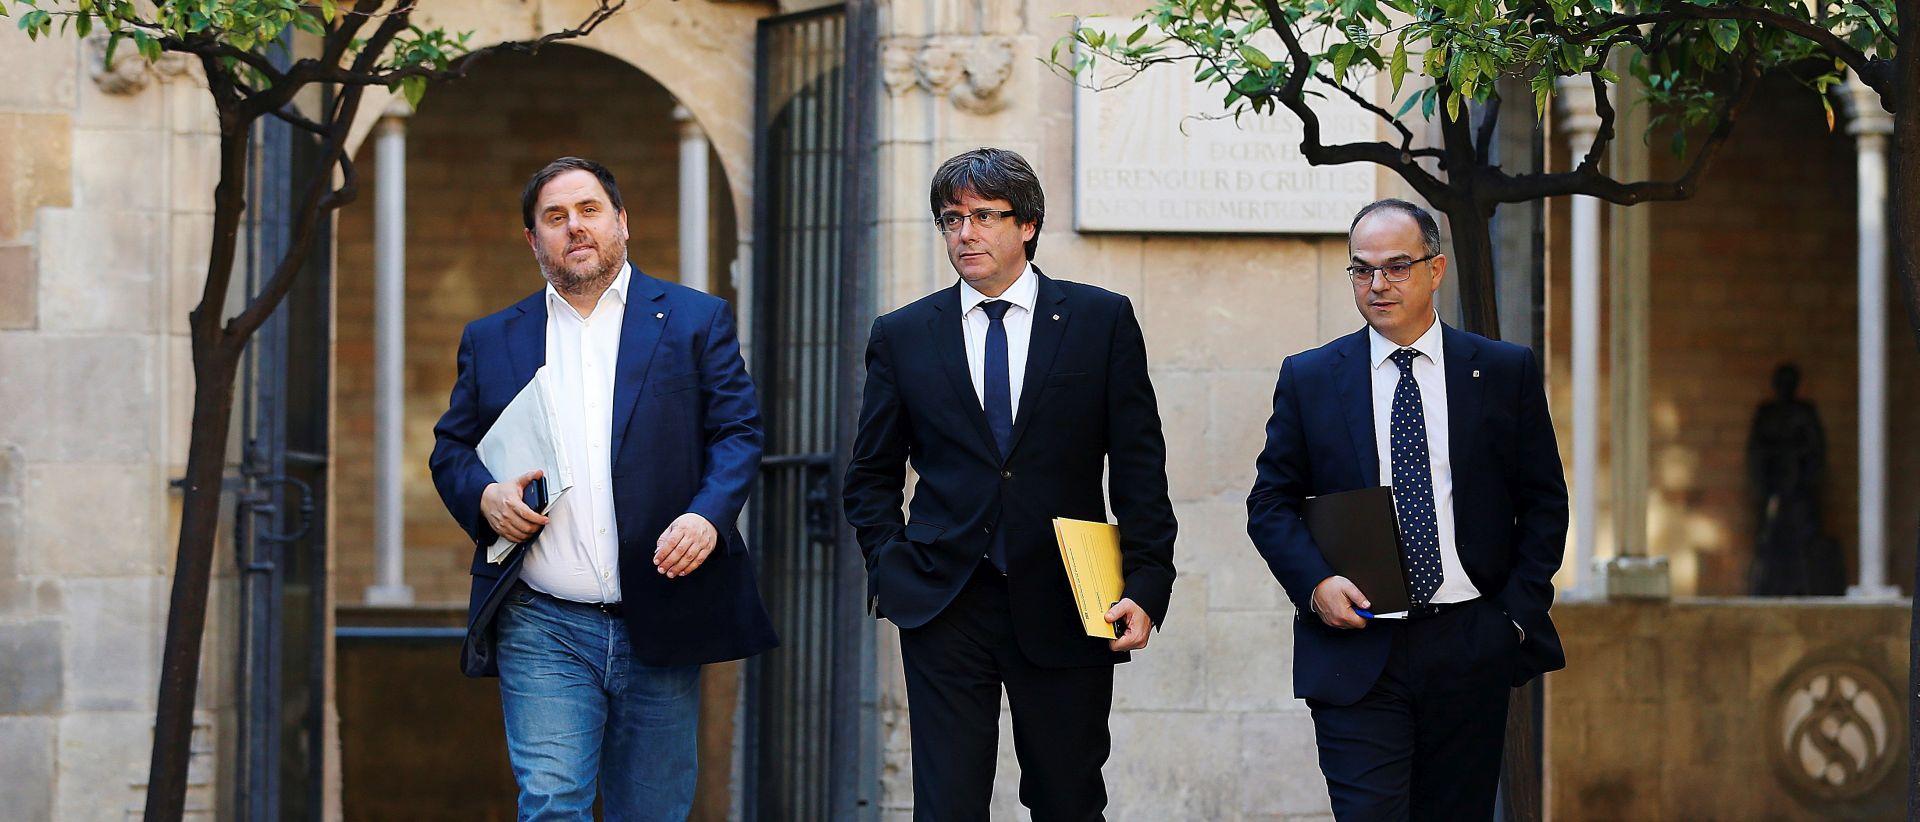 """UŽIVO: PUIGDEMONT """"Želim slijediti volju naroda da Katalonija postane neovisna, ali odluku odgađamo"""""""